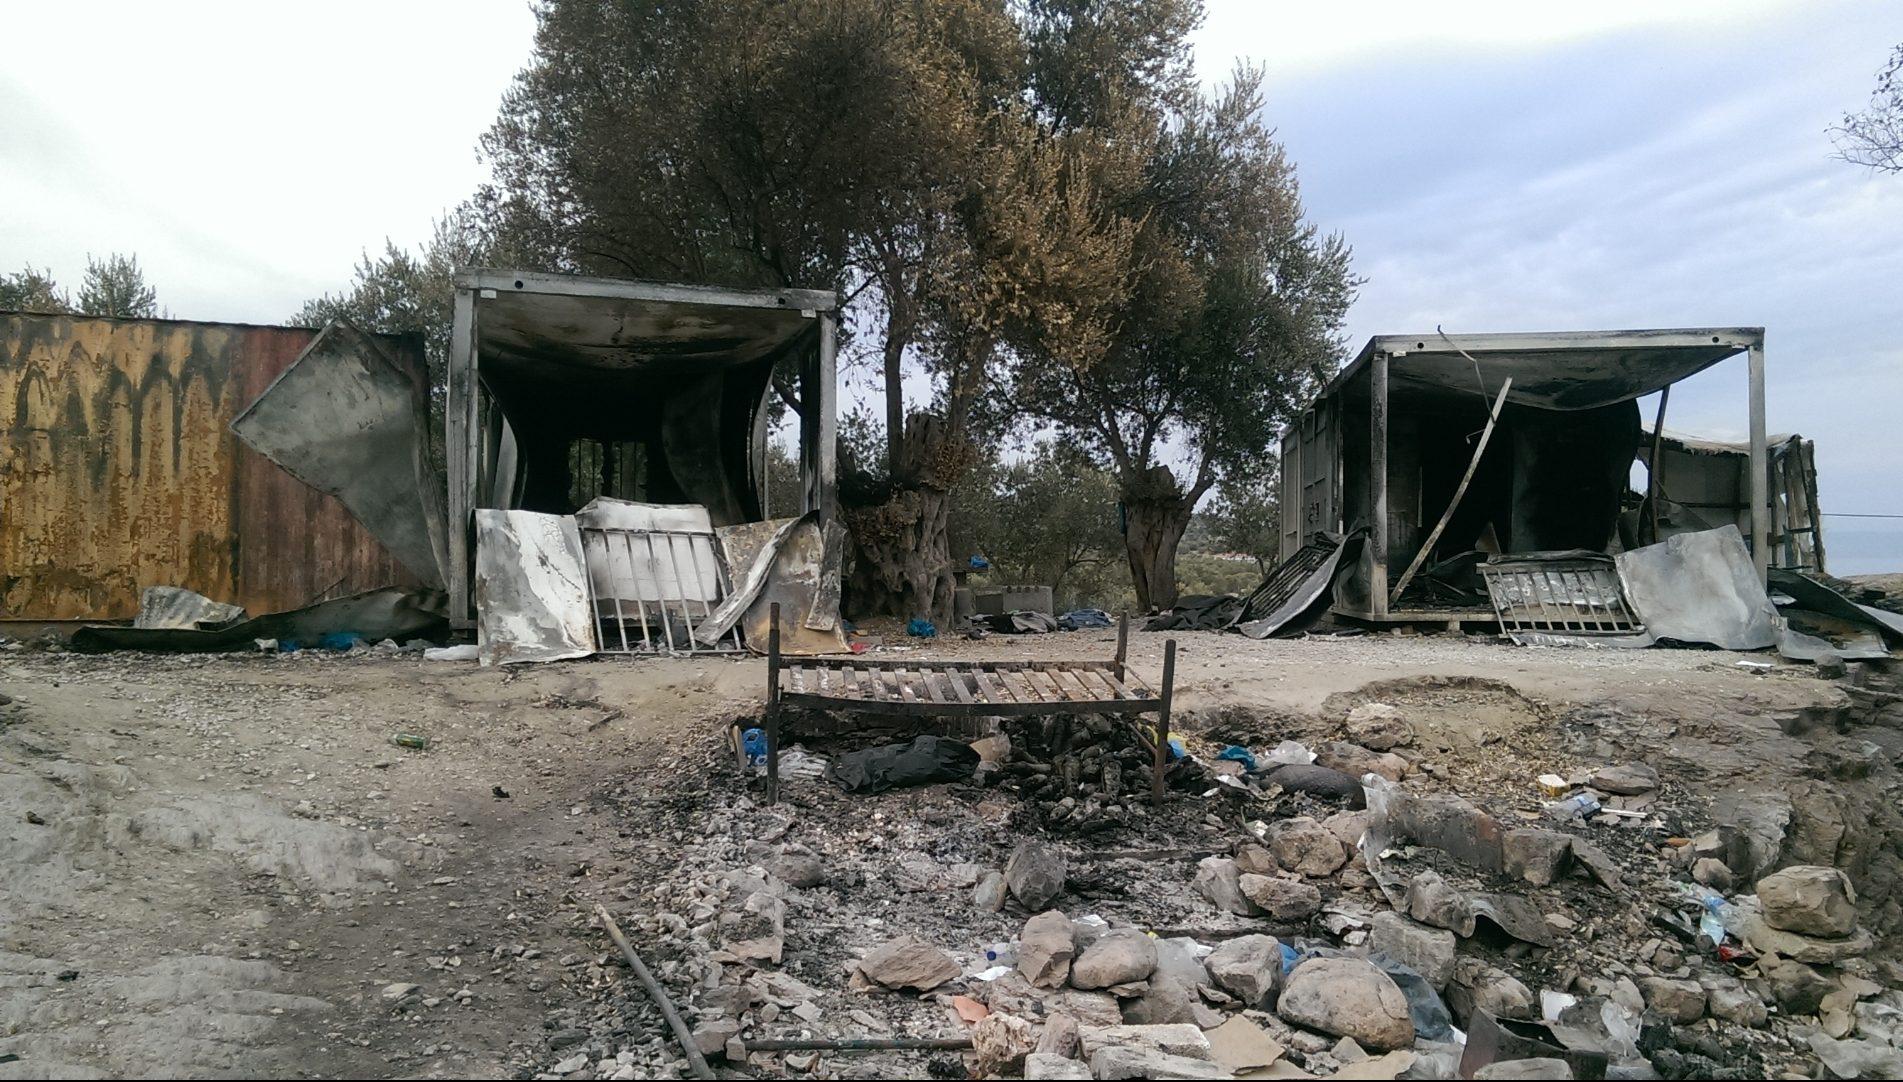 2. Bild: ausgebrannte Iso-Boxen, mit einem Bettgestell, das die Flammen überstand und zuvor ein Geschenk war, das nicht allen Menschen im Lager zuteil war.